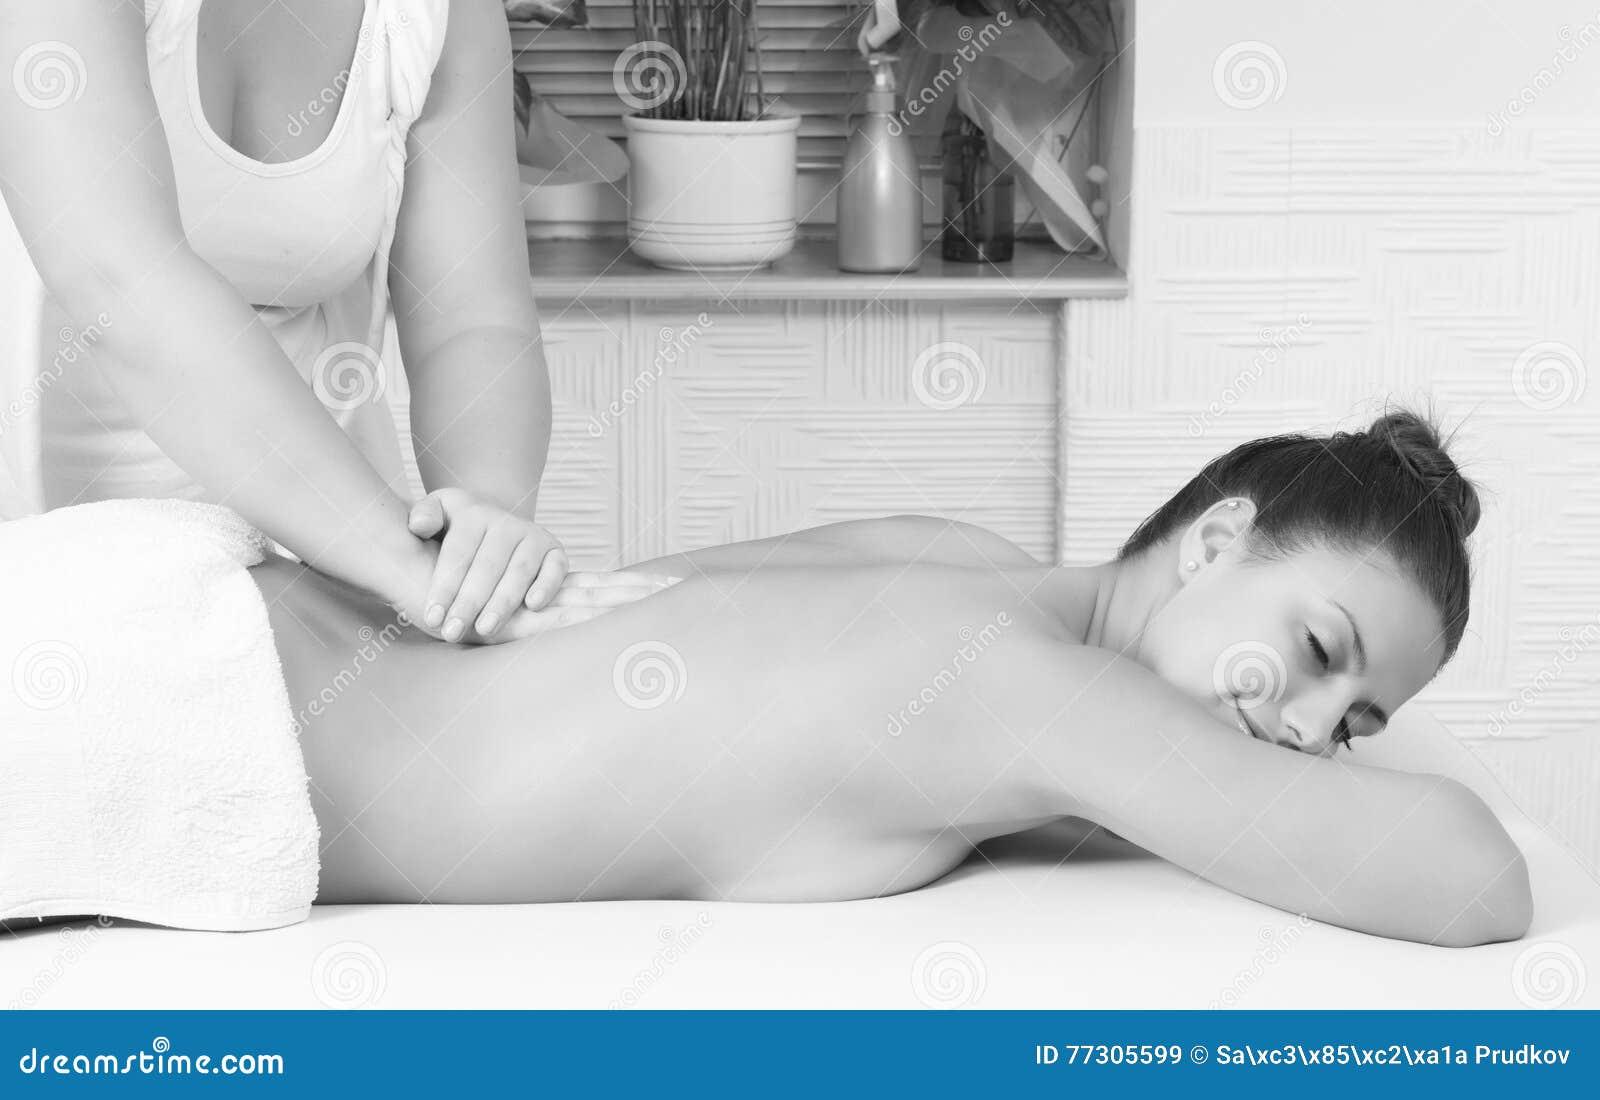 Meisje die van achtermassage van massagetherapeut genieten in beauty spa